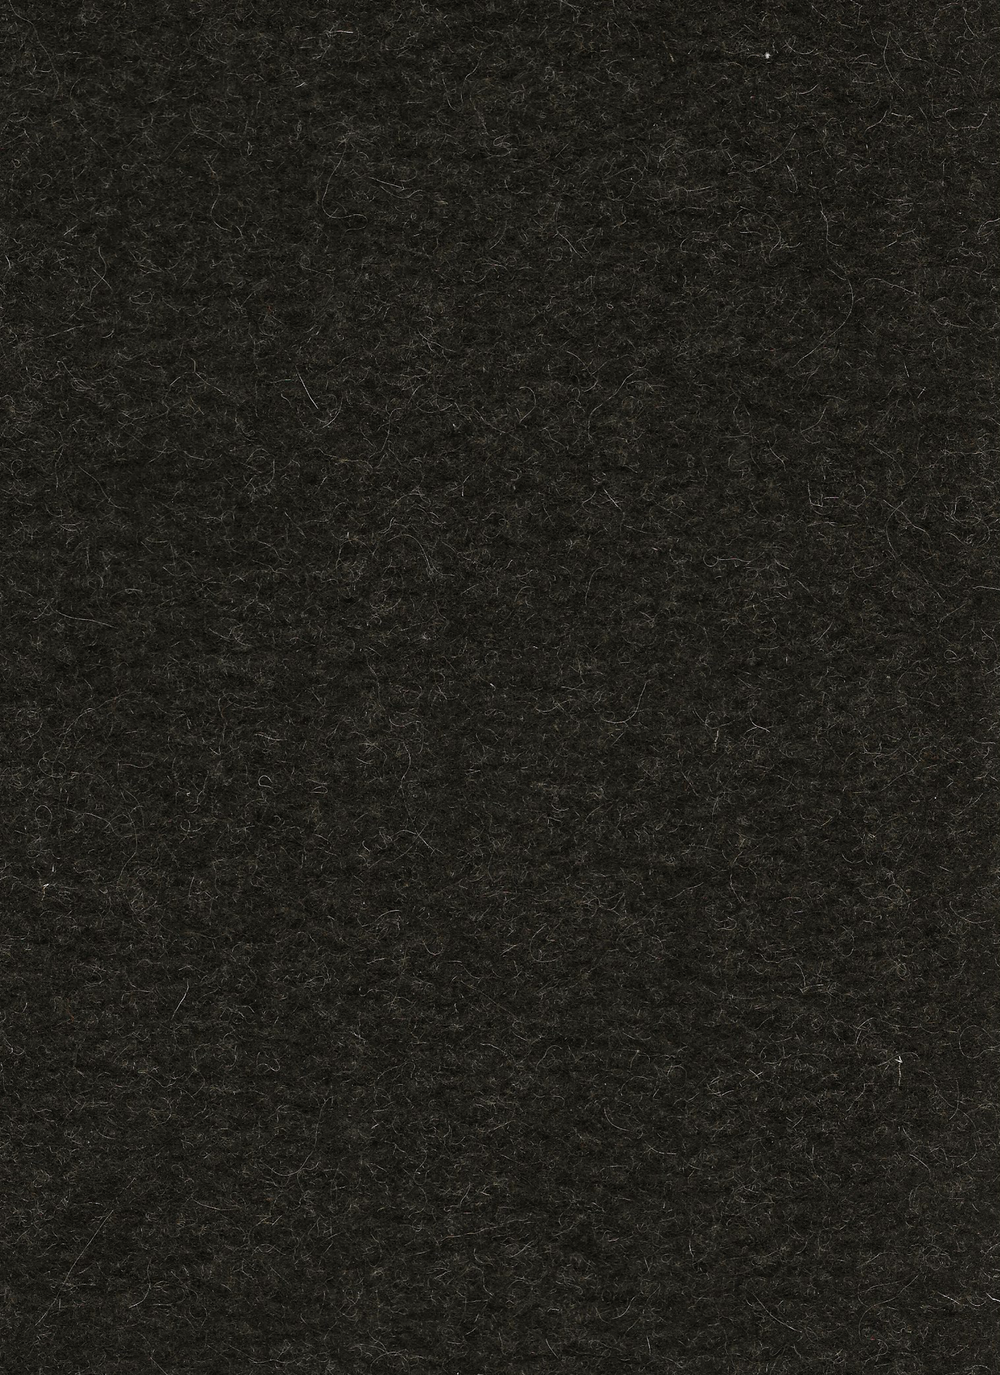 Dark Brown Melange